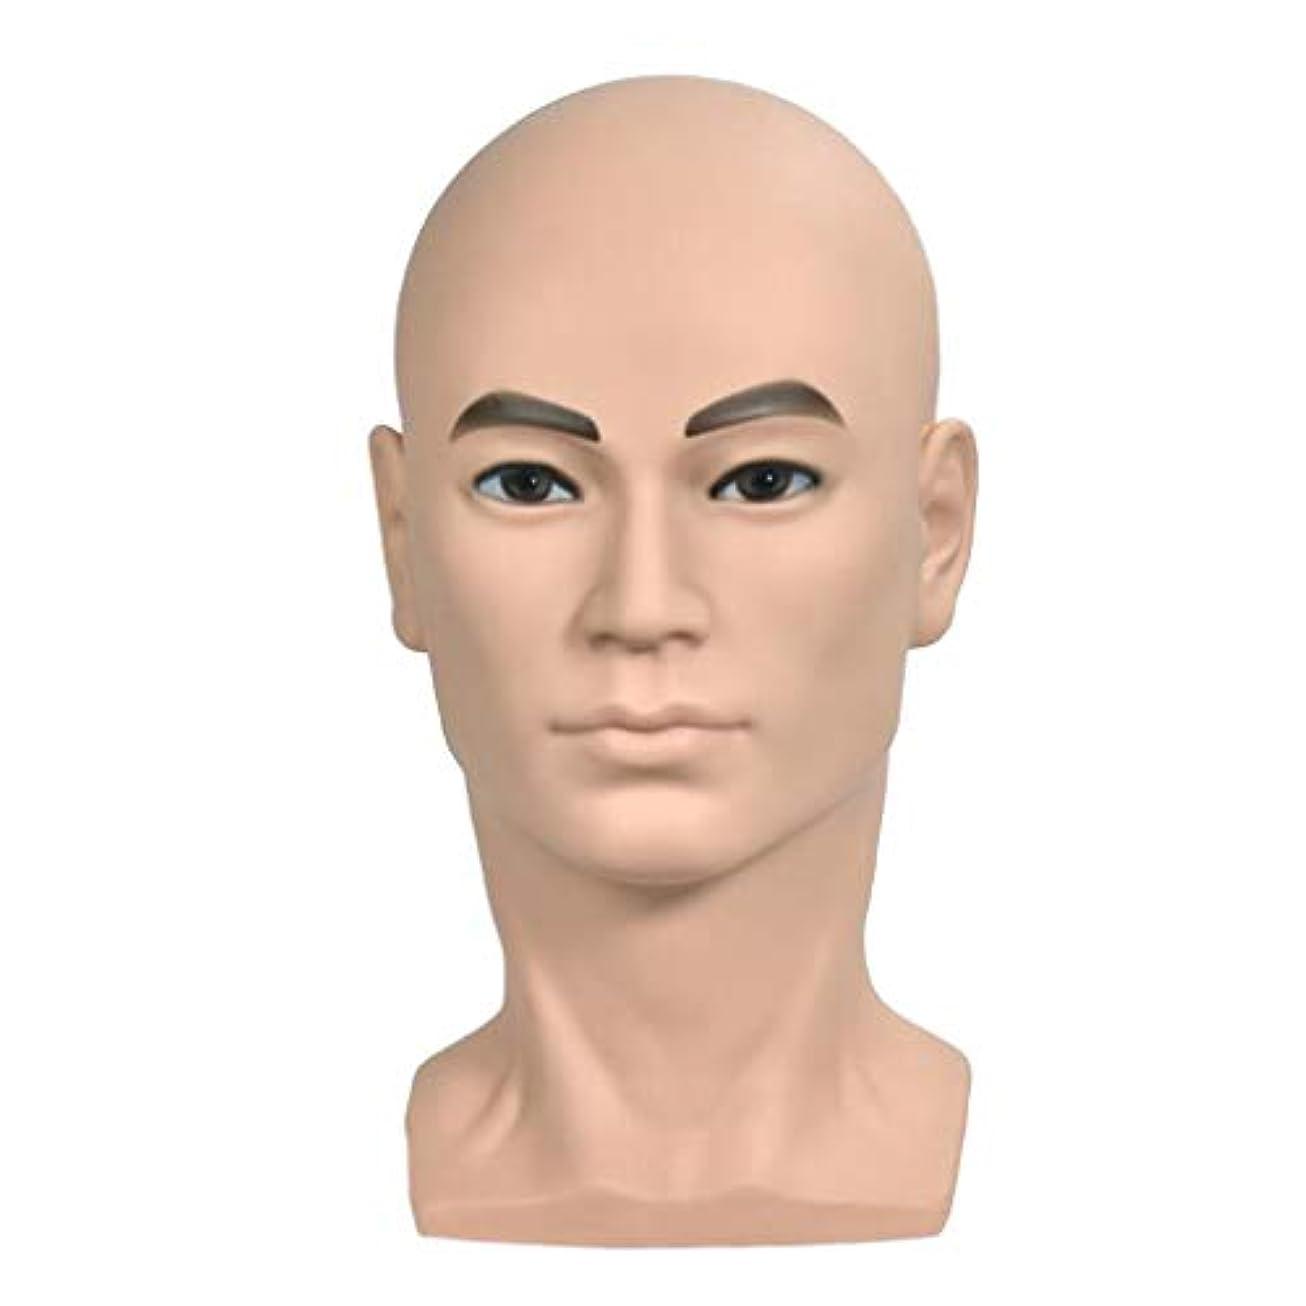 ペリスコープ絶対の年金受給者マネキンヘッド 男性 ヘッドモデル ウィッグ 帽子 ディスプレイ ホルダー 美容院 家